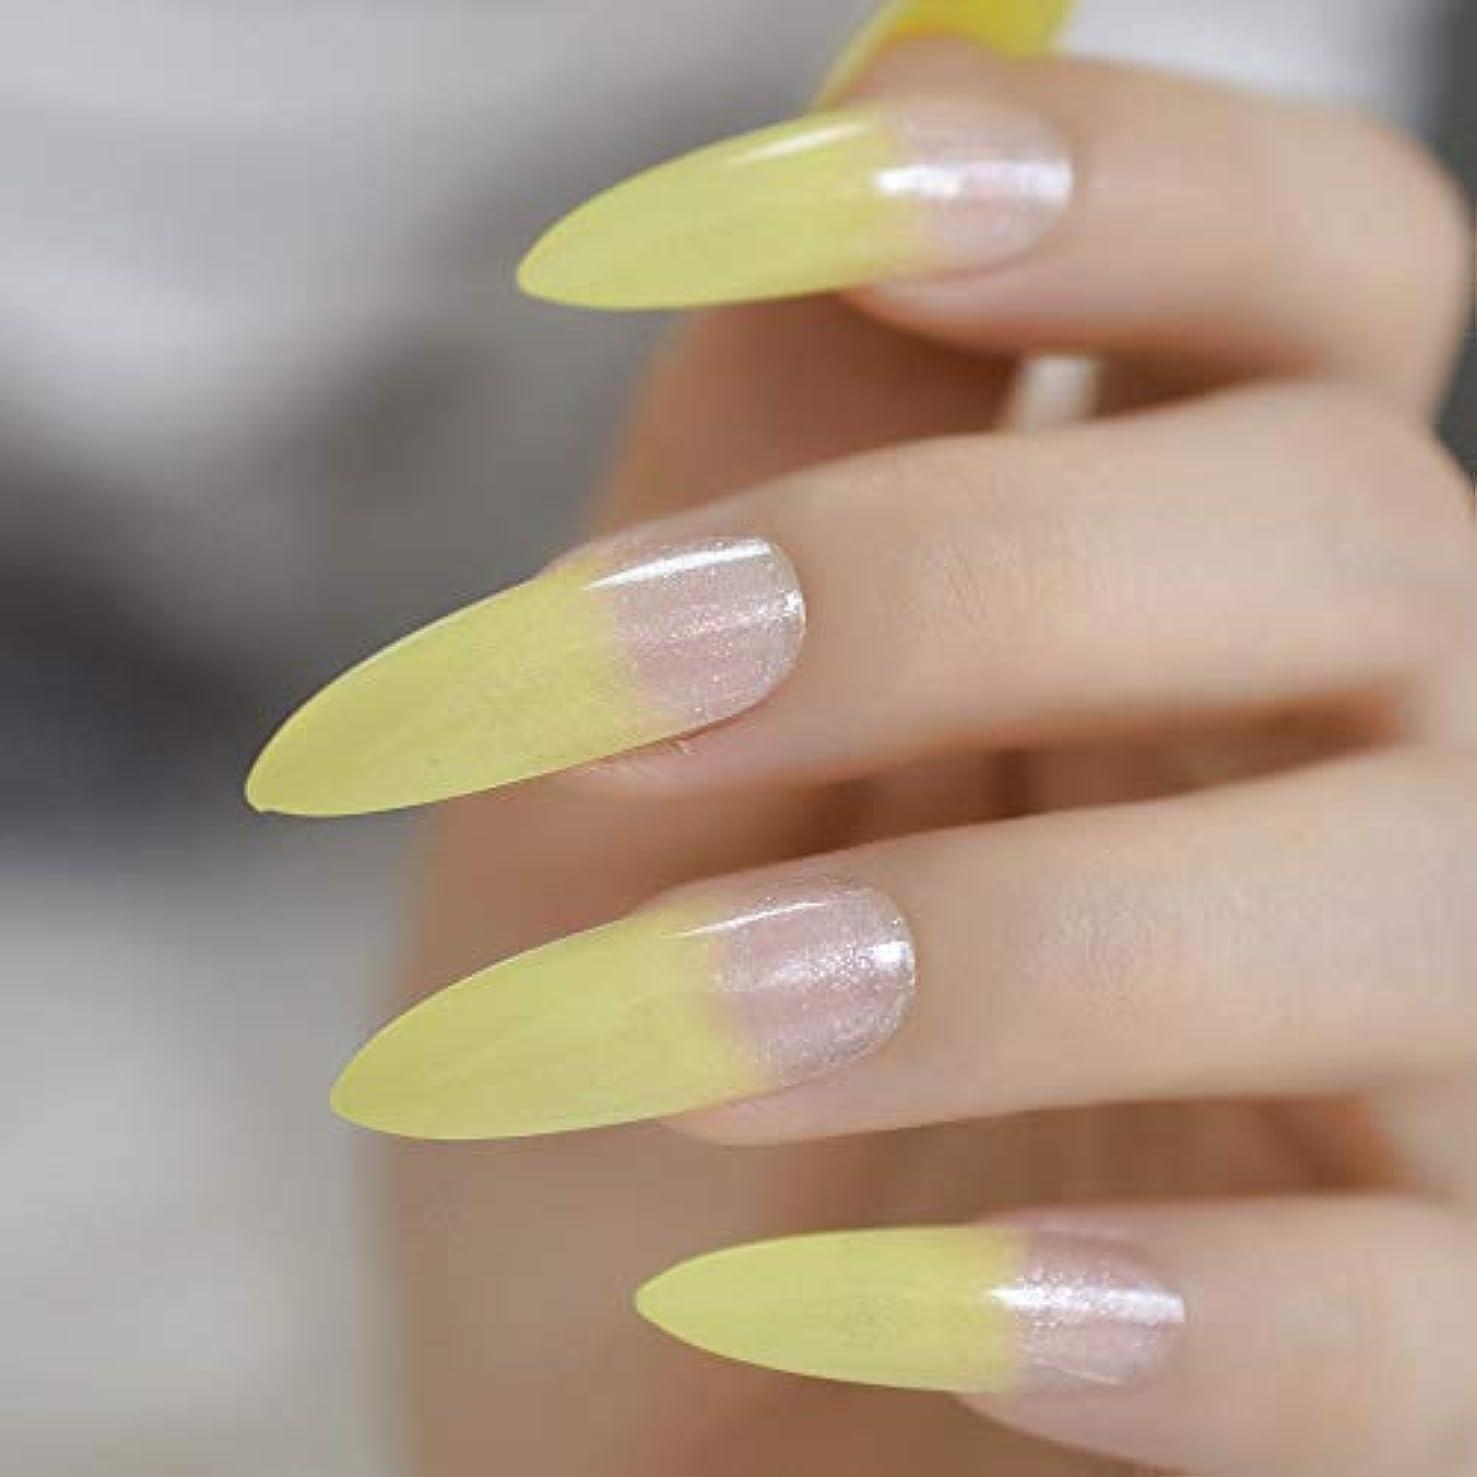 辛いハンディ細胞XUTXZKA 偽の指の爪のエクステンションデコに余分な長い爪の明るい黄色のグラデーションプレス